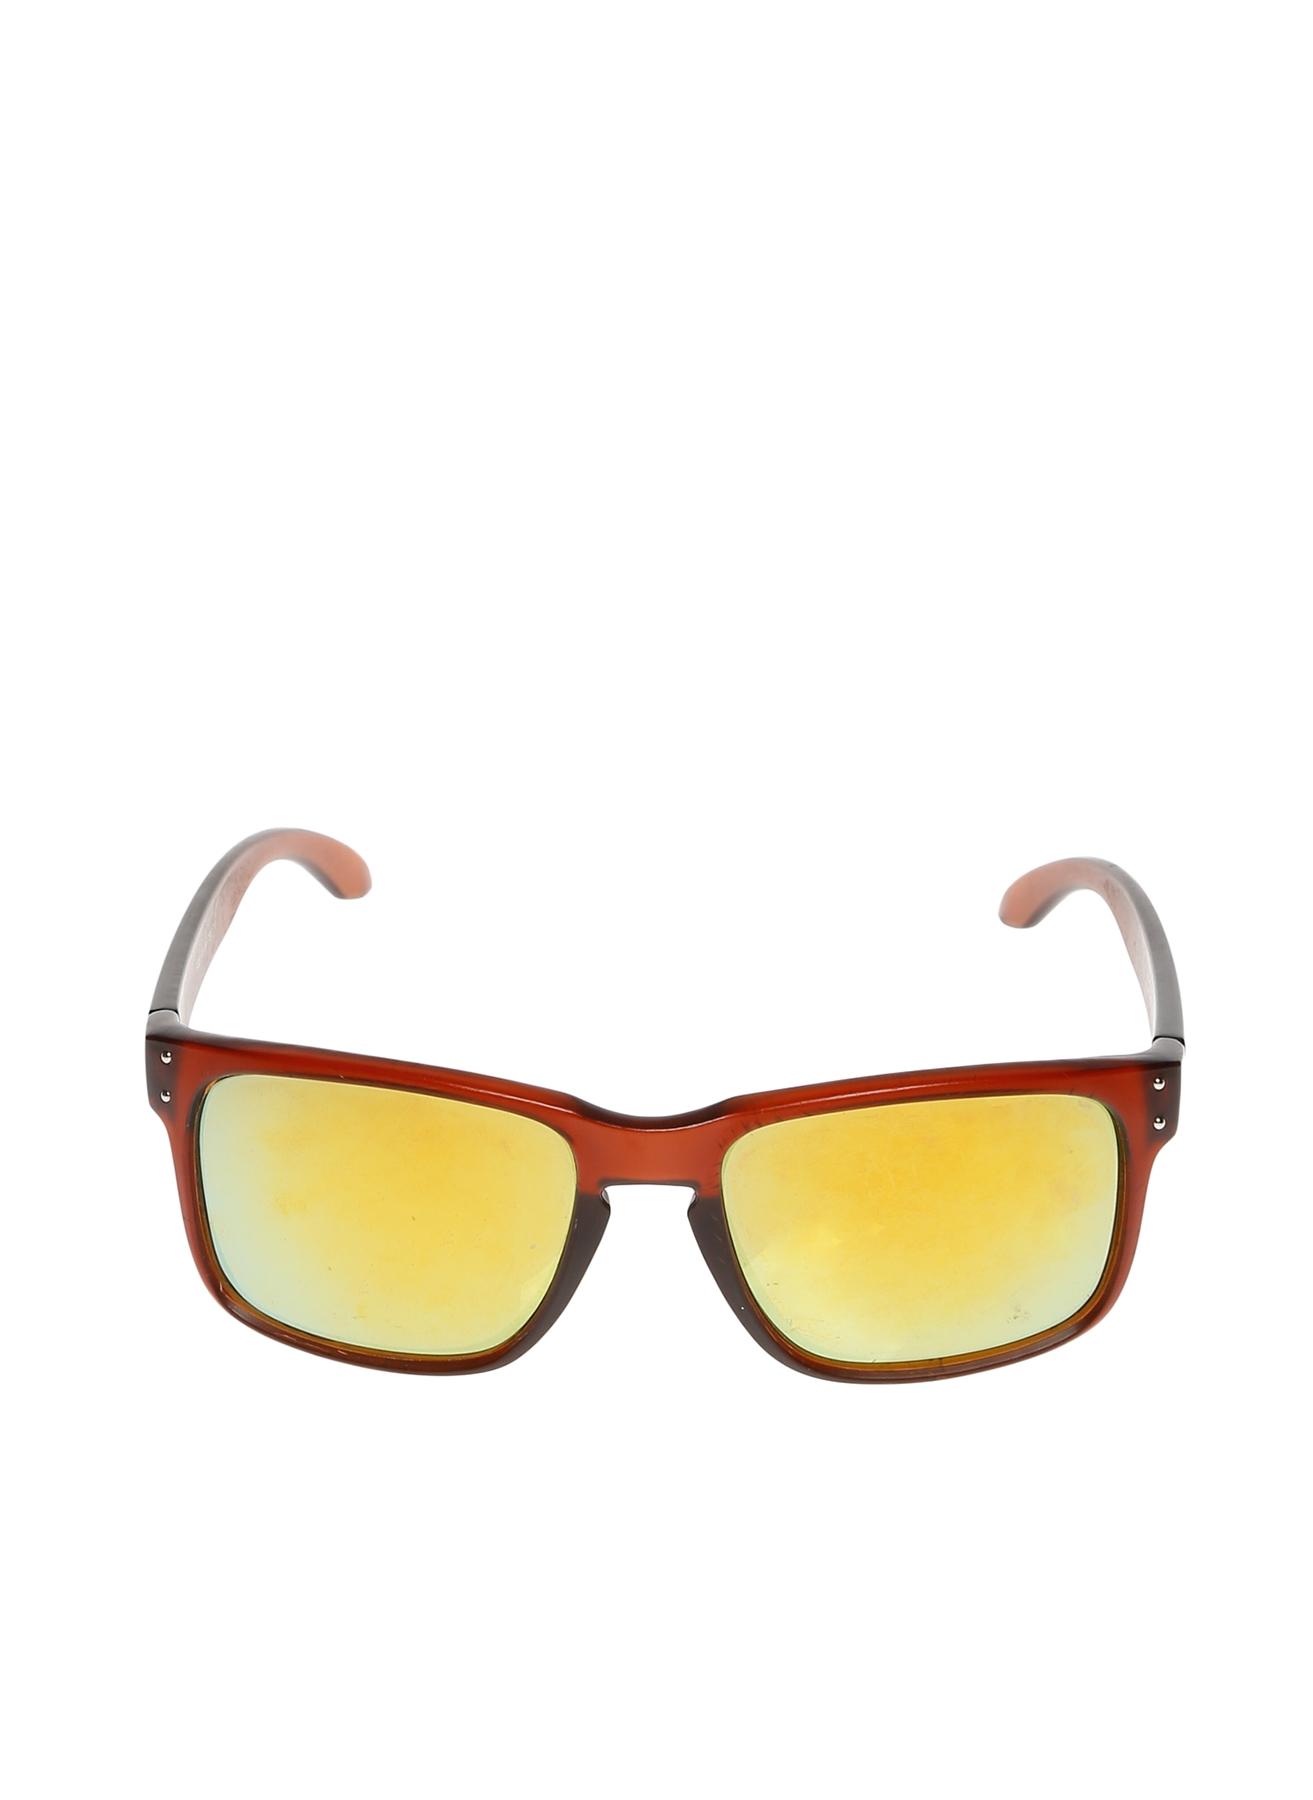 T-Box Güneş Gözlüğü 5000223575001 Ürün Resmi